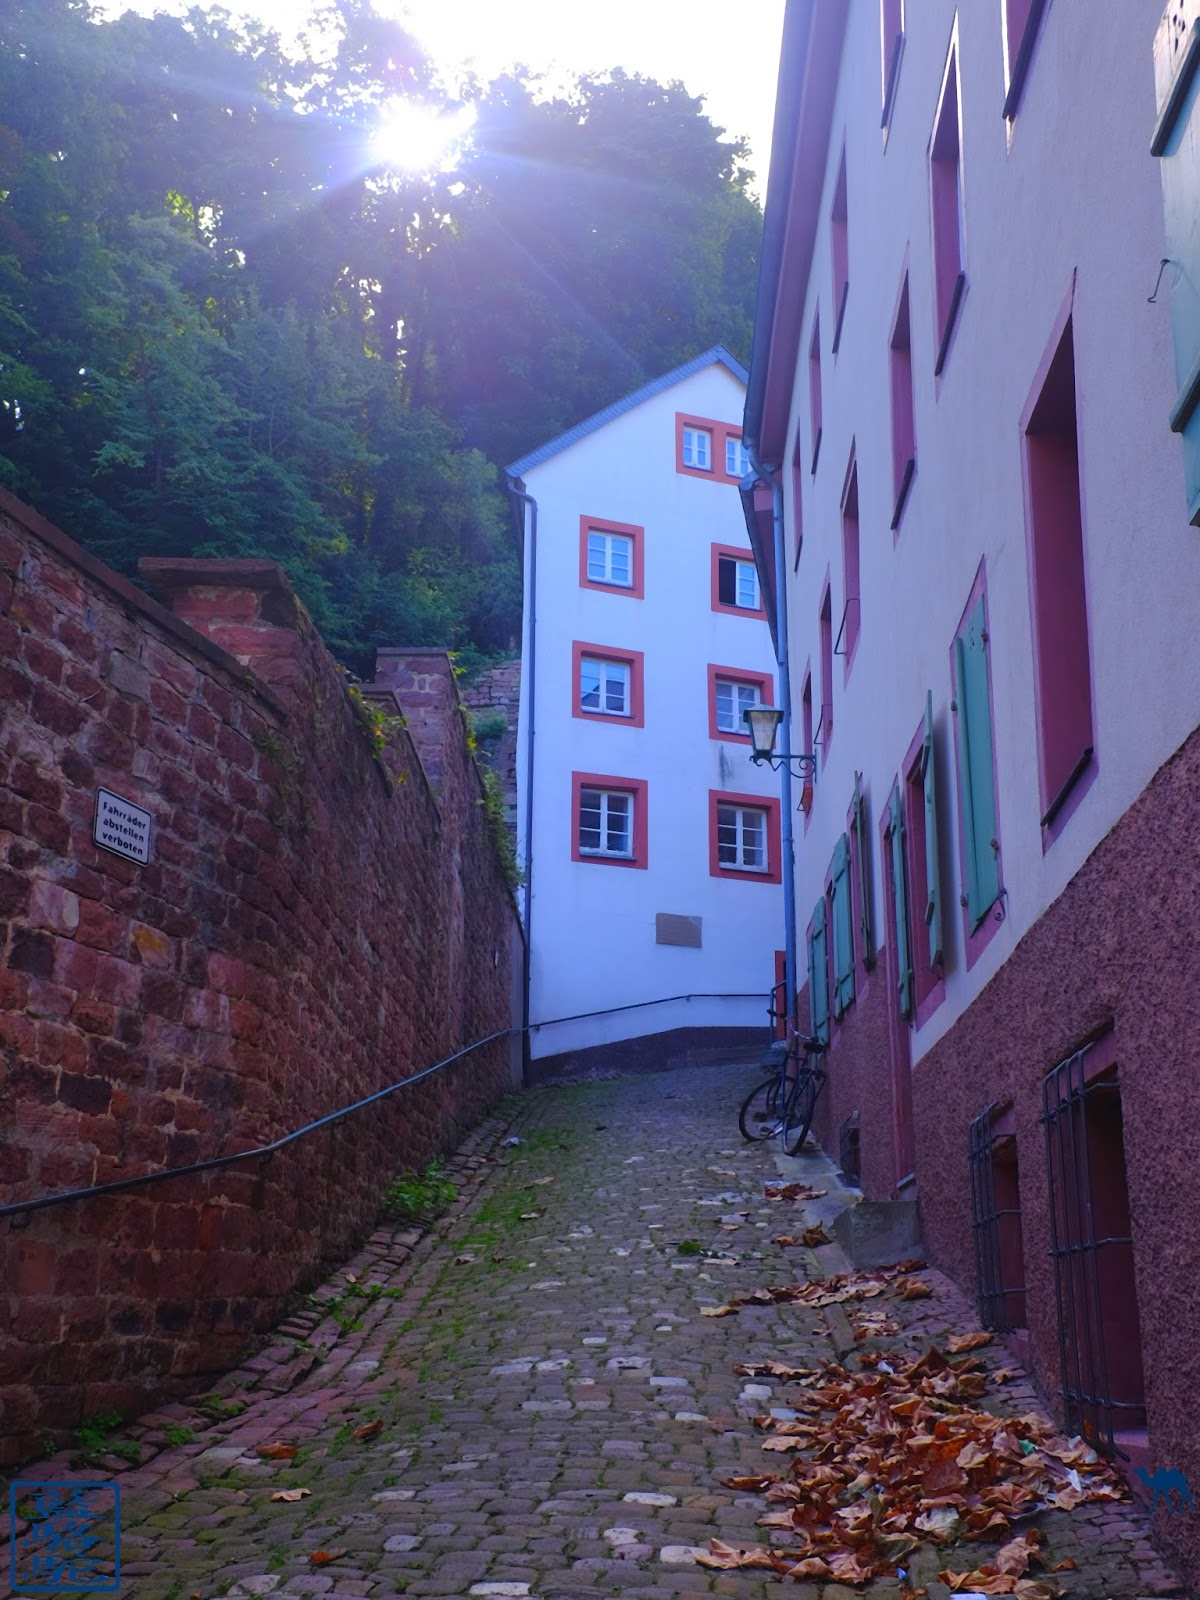 Le Chameau Bleu - Blog Voyage Heildeberg Allemagne - Ruelle de la vieille ville - Heidelberg